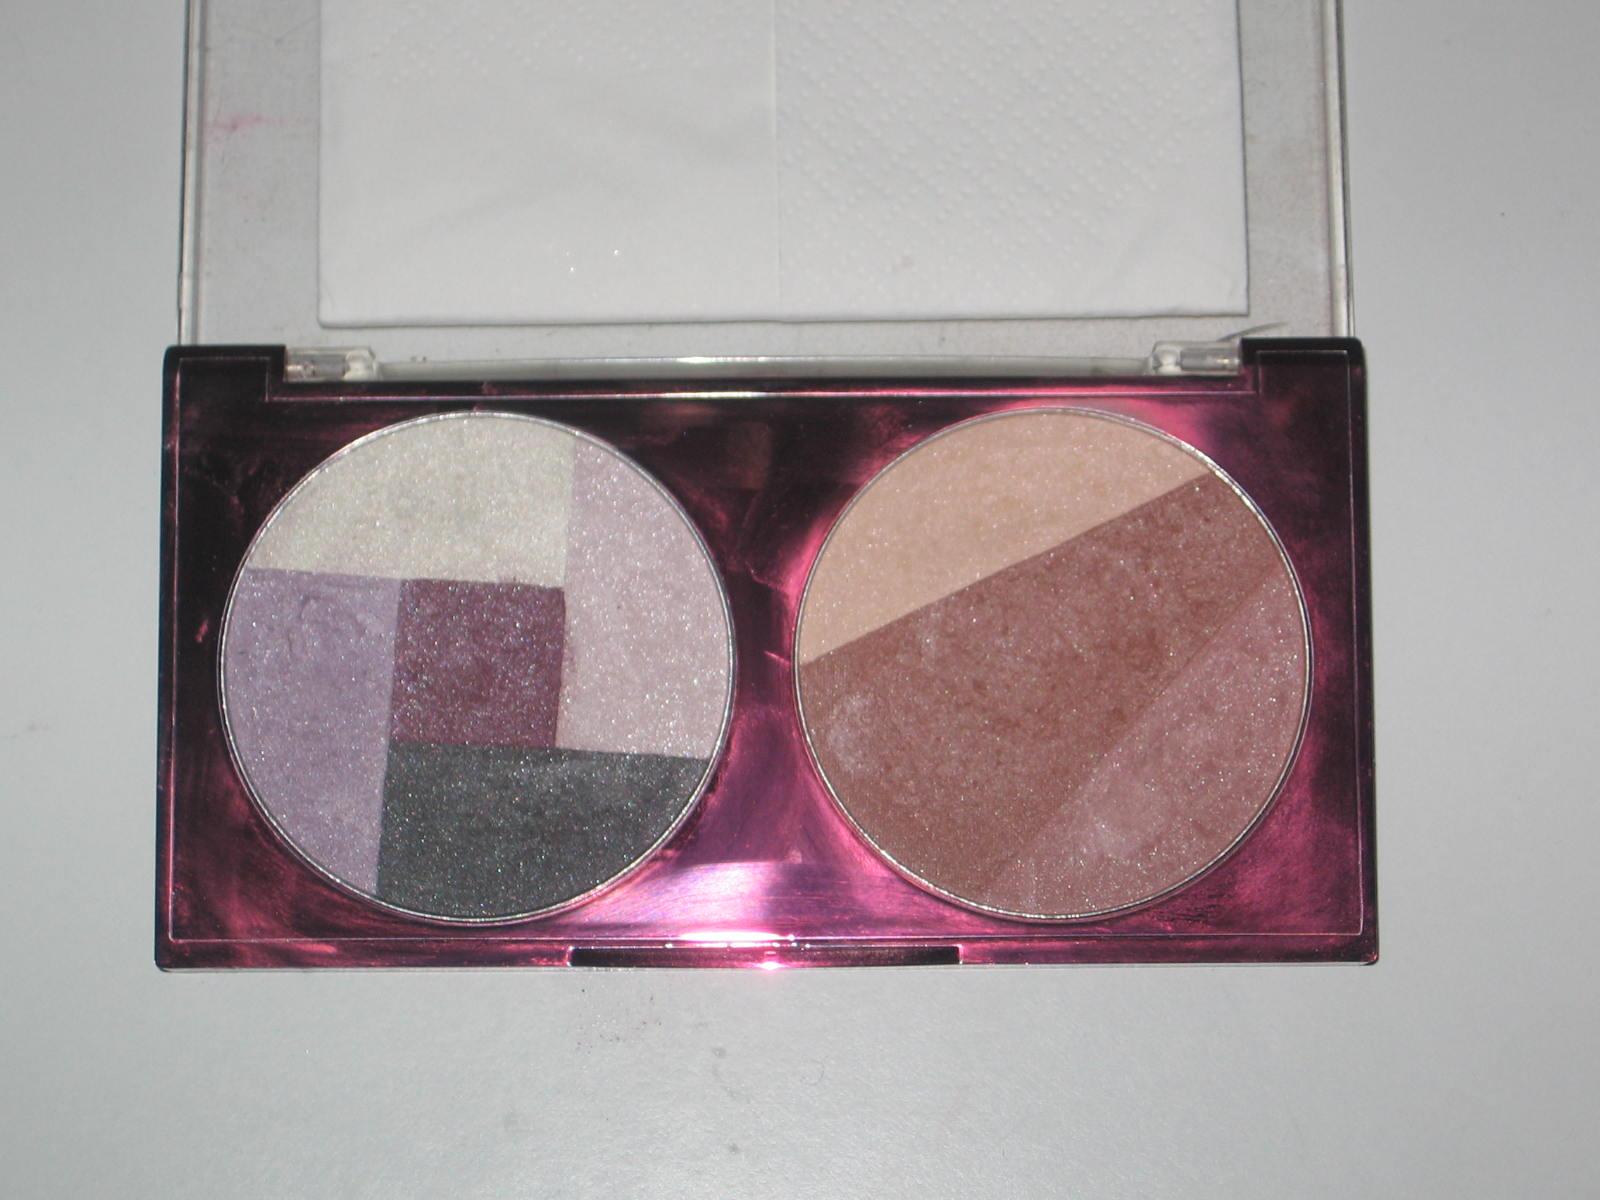 Dolly pop makeup palette by h m for Case in vendita con seminterrato finito vicino a me